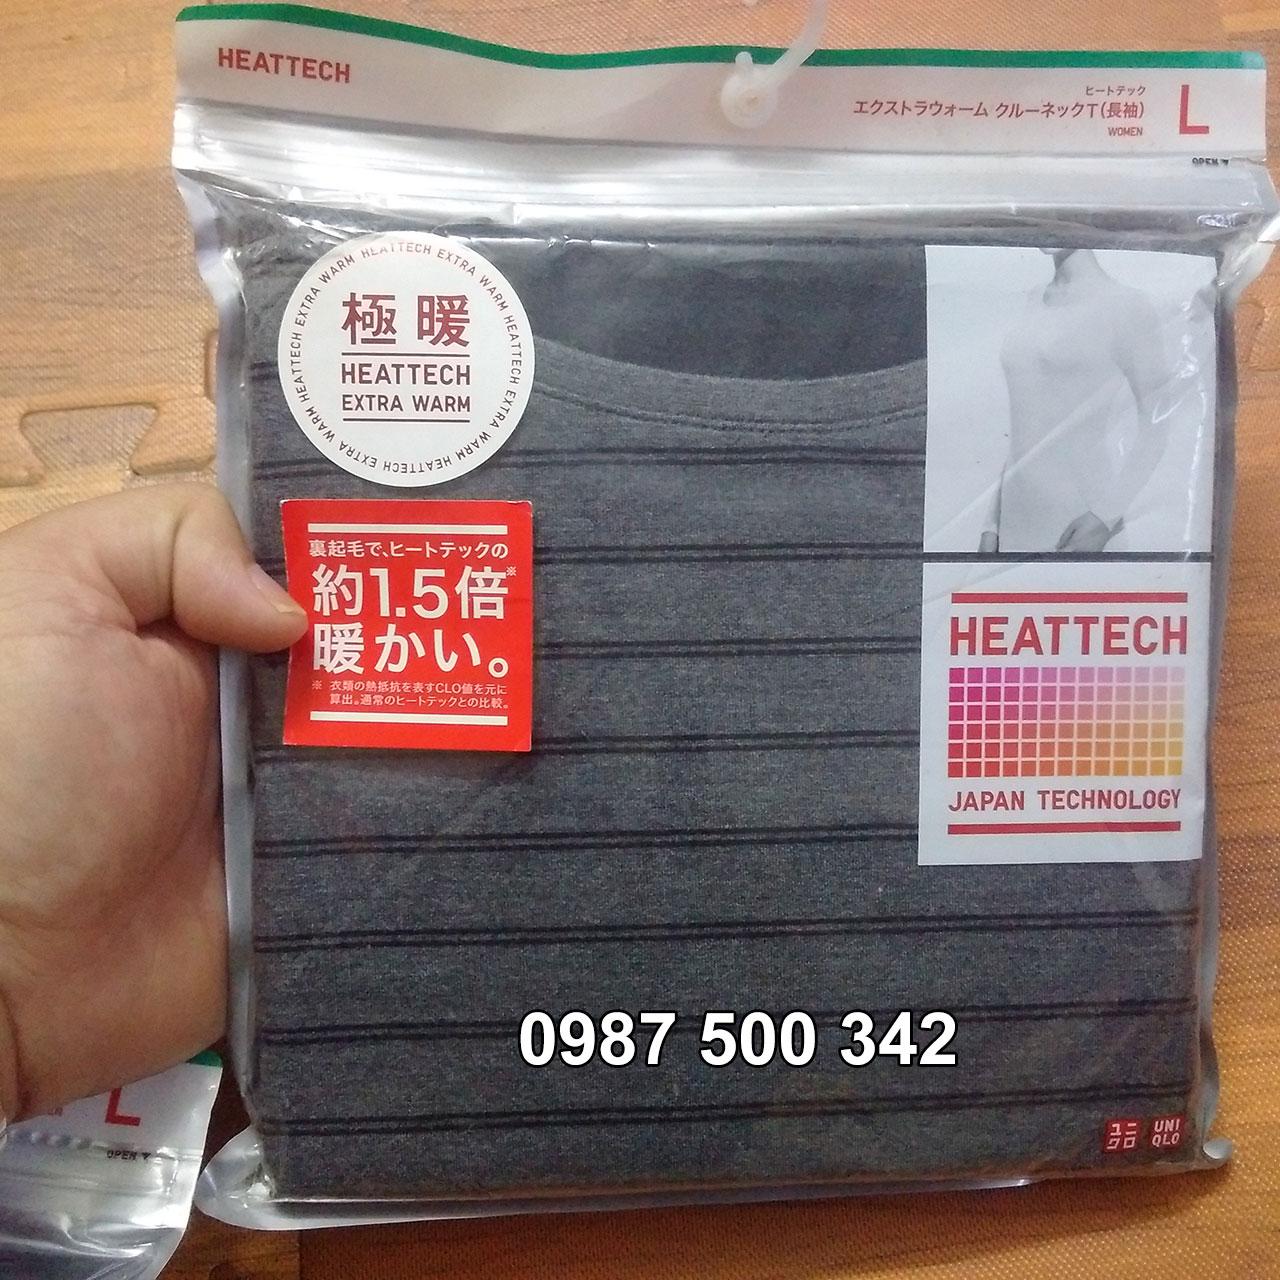 Ảnh thật Áo giữ nhiệt nữ cổ tròn Heattech Extra Warm Uniqlo màu xám kẻ ngang